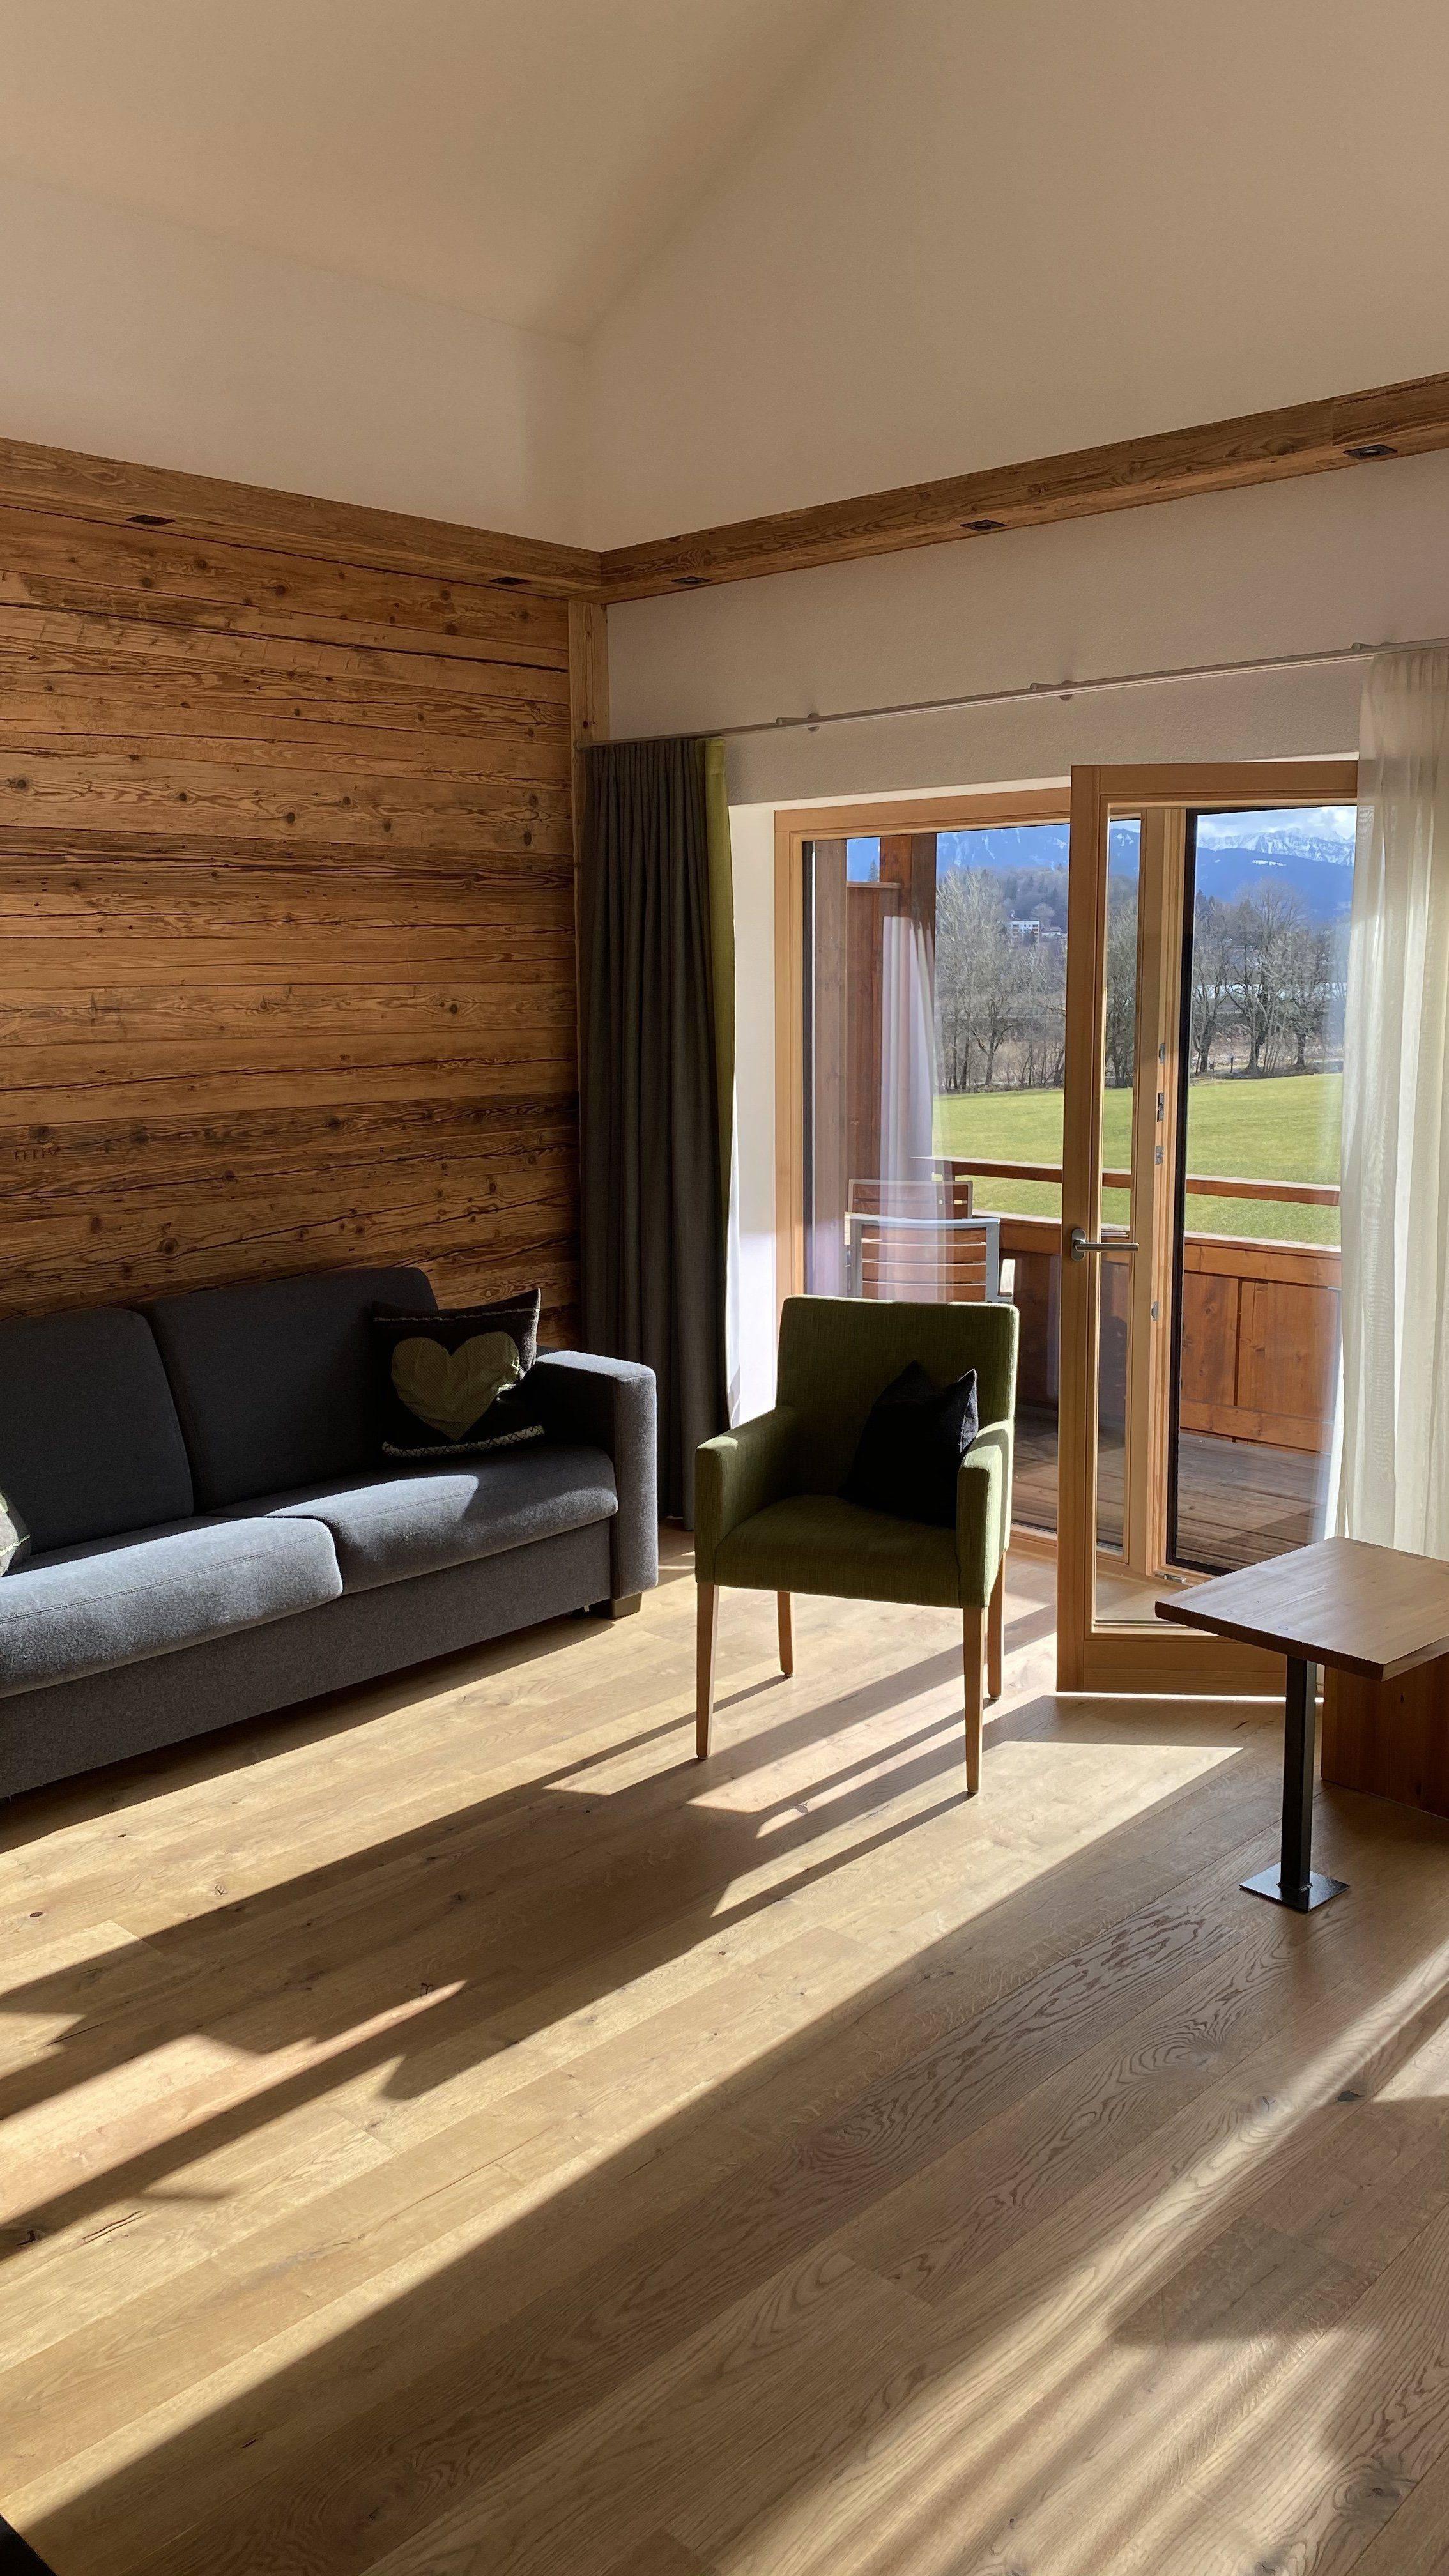 Familienurlaub_Allgäu-Chalet-Wohnzimmer